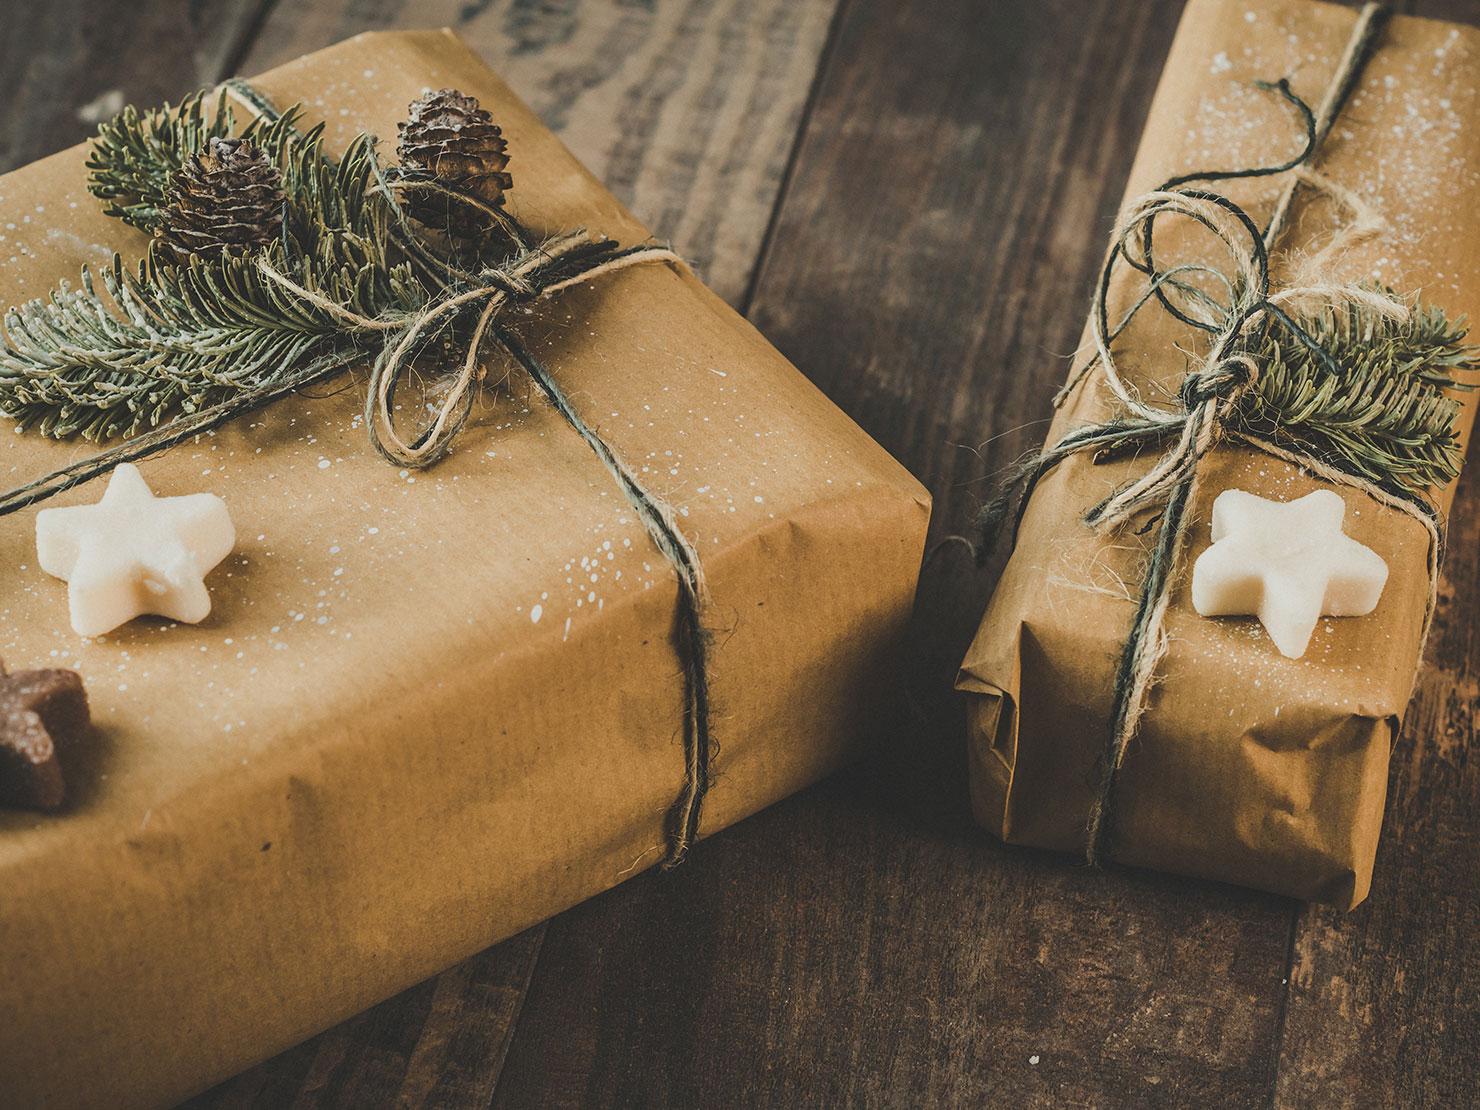 In Naturpapier verpackte Geschenke, dekoriert mit Tannenzweigen und Tannenzapfen